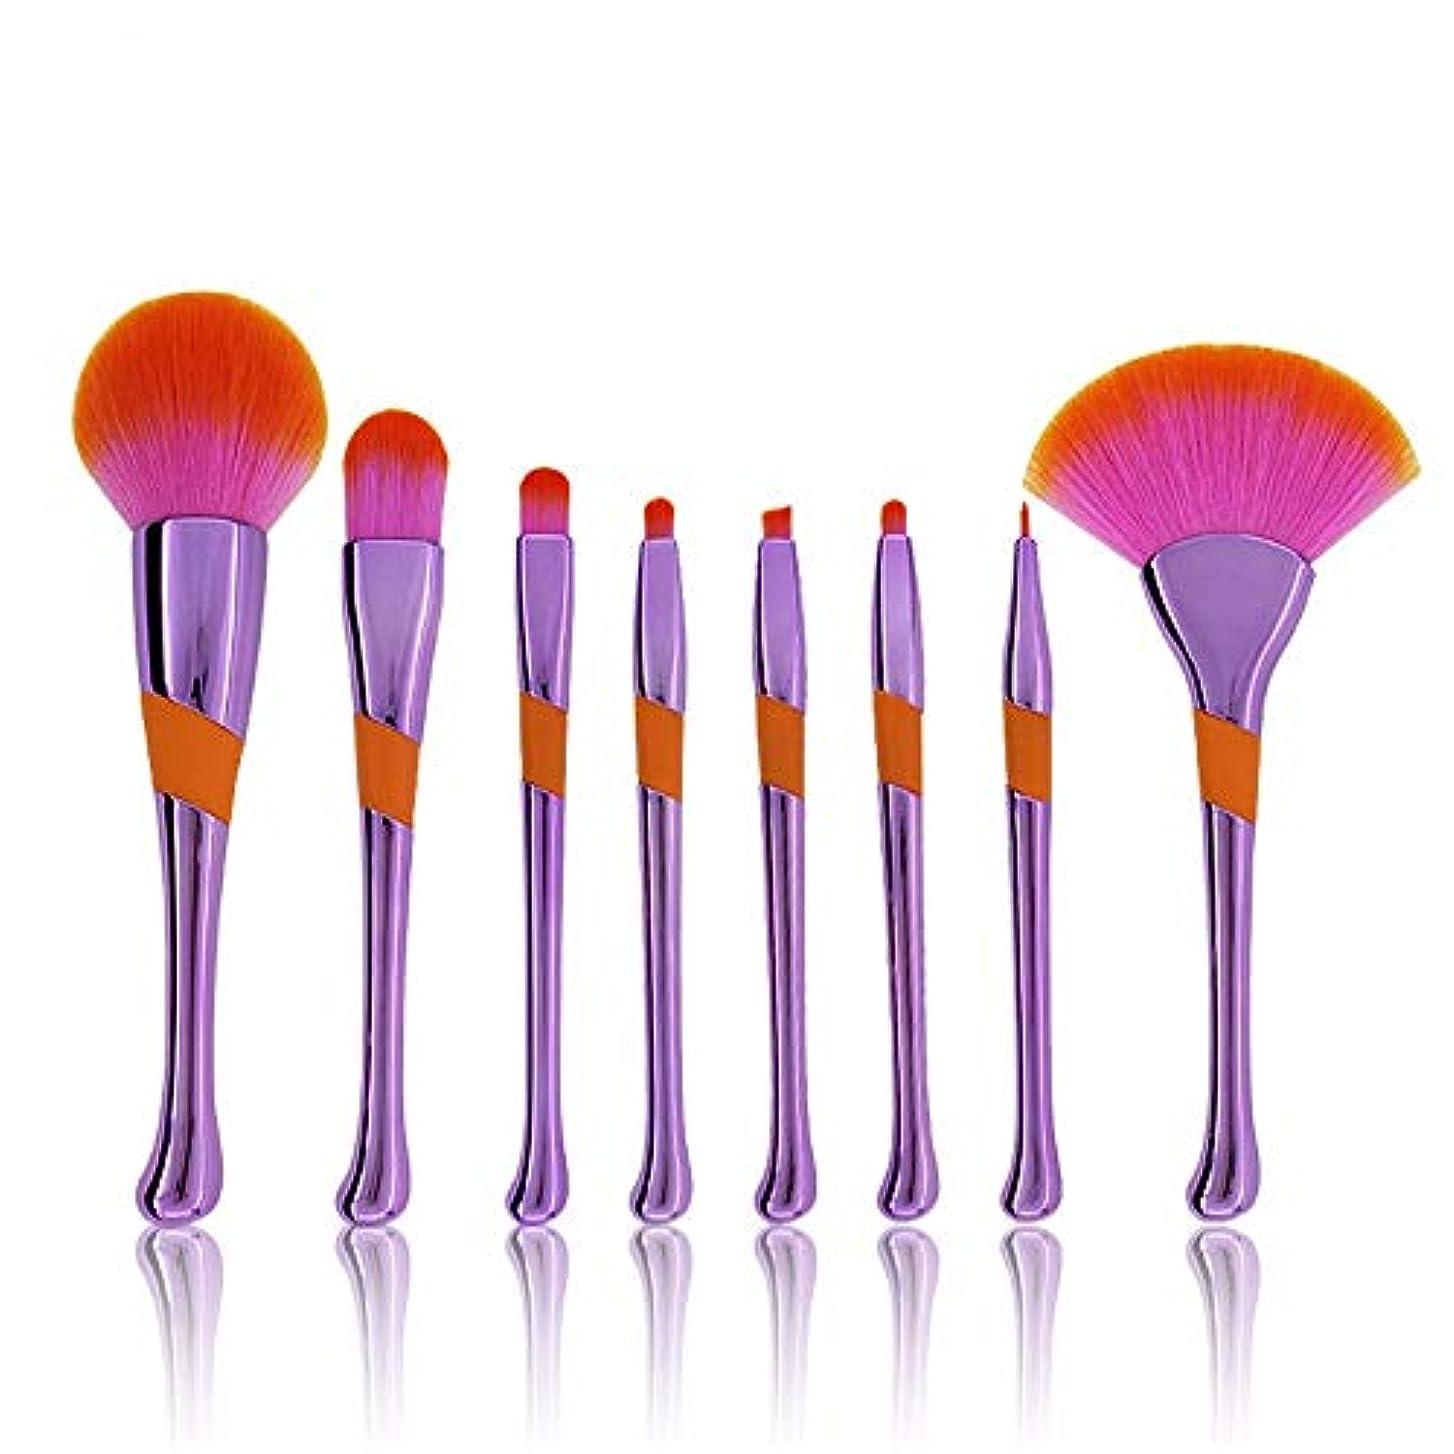 アソシエイトマイルドモーテルMakeup brushes 8ピースセットガールハートメイクブラシフリーパウダーブラシアイシャドウブラシブラッシュブラシ suits (Color : Purple)